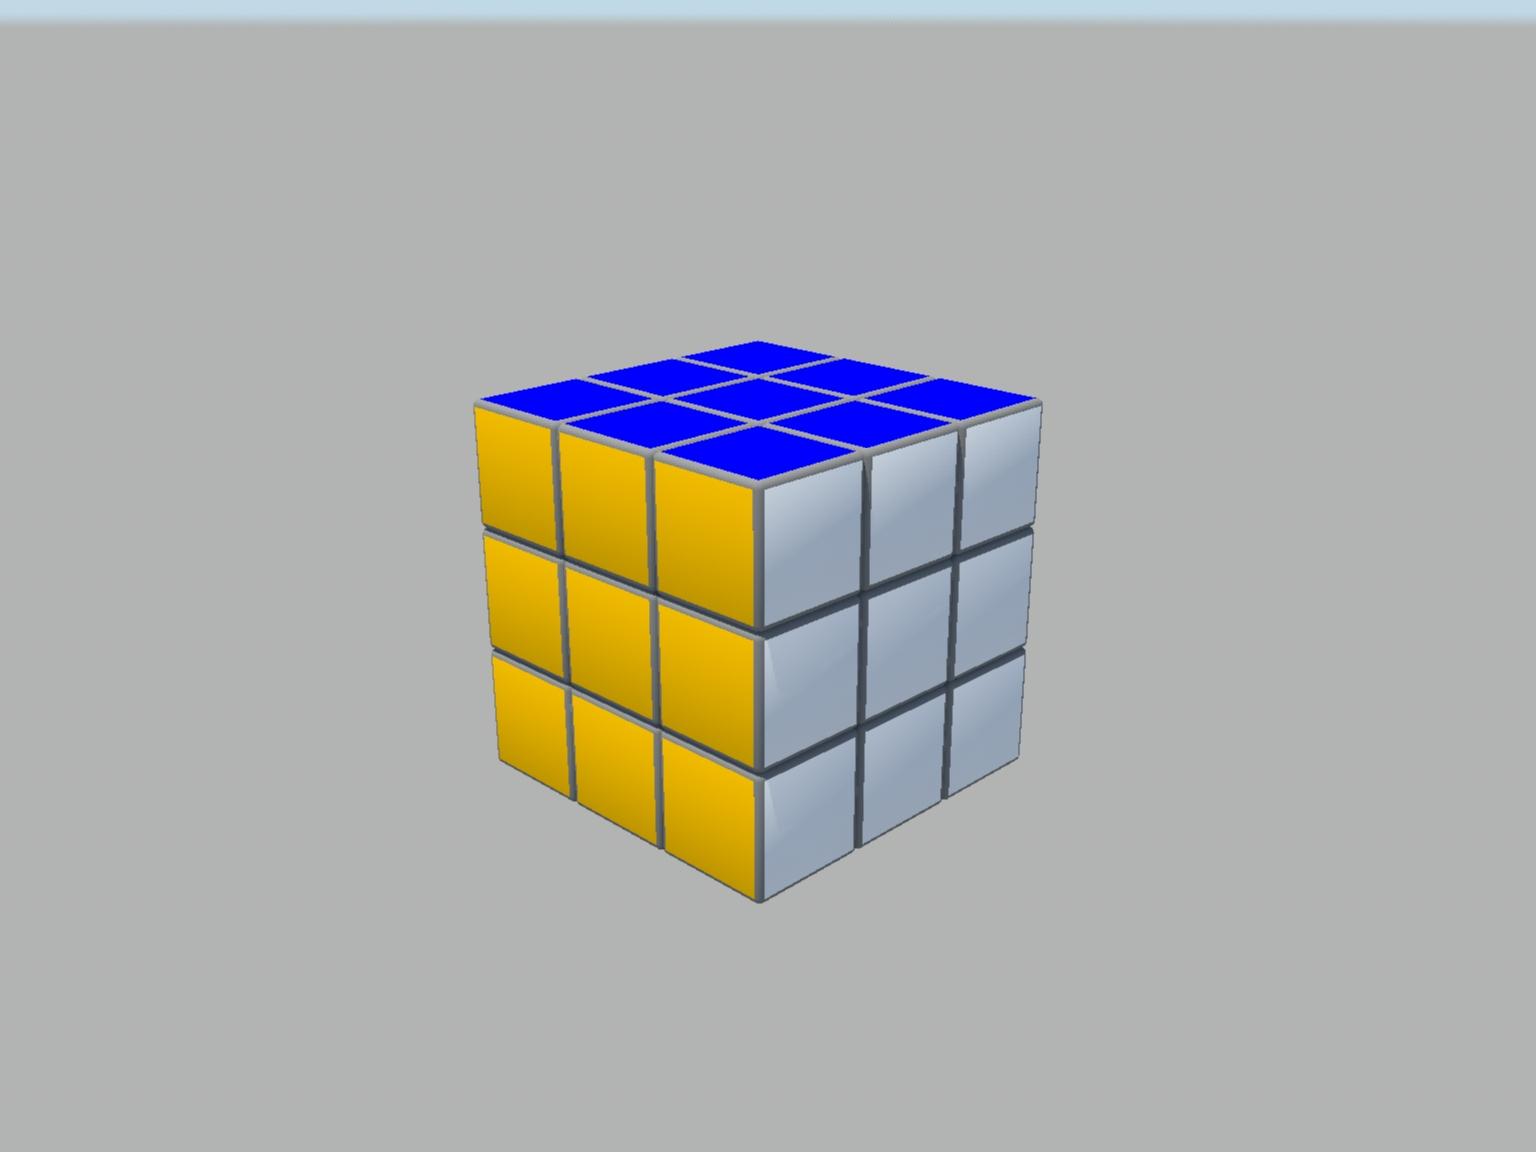 rubiks cube 3d model obj 129390